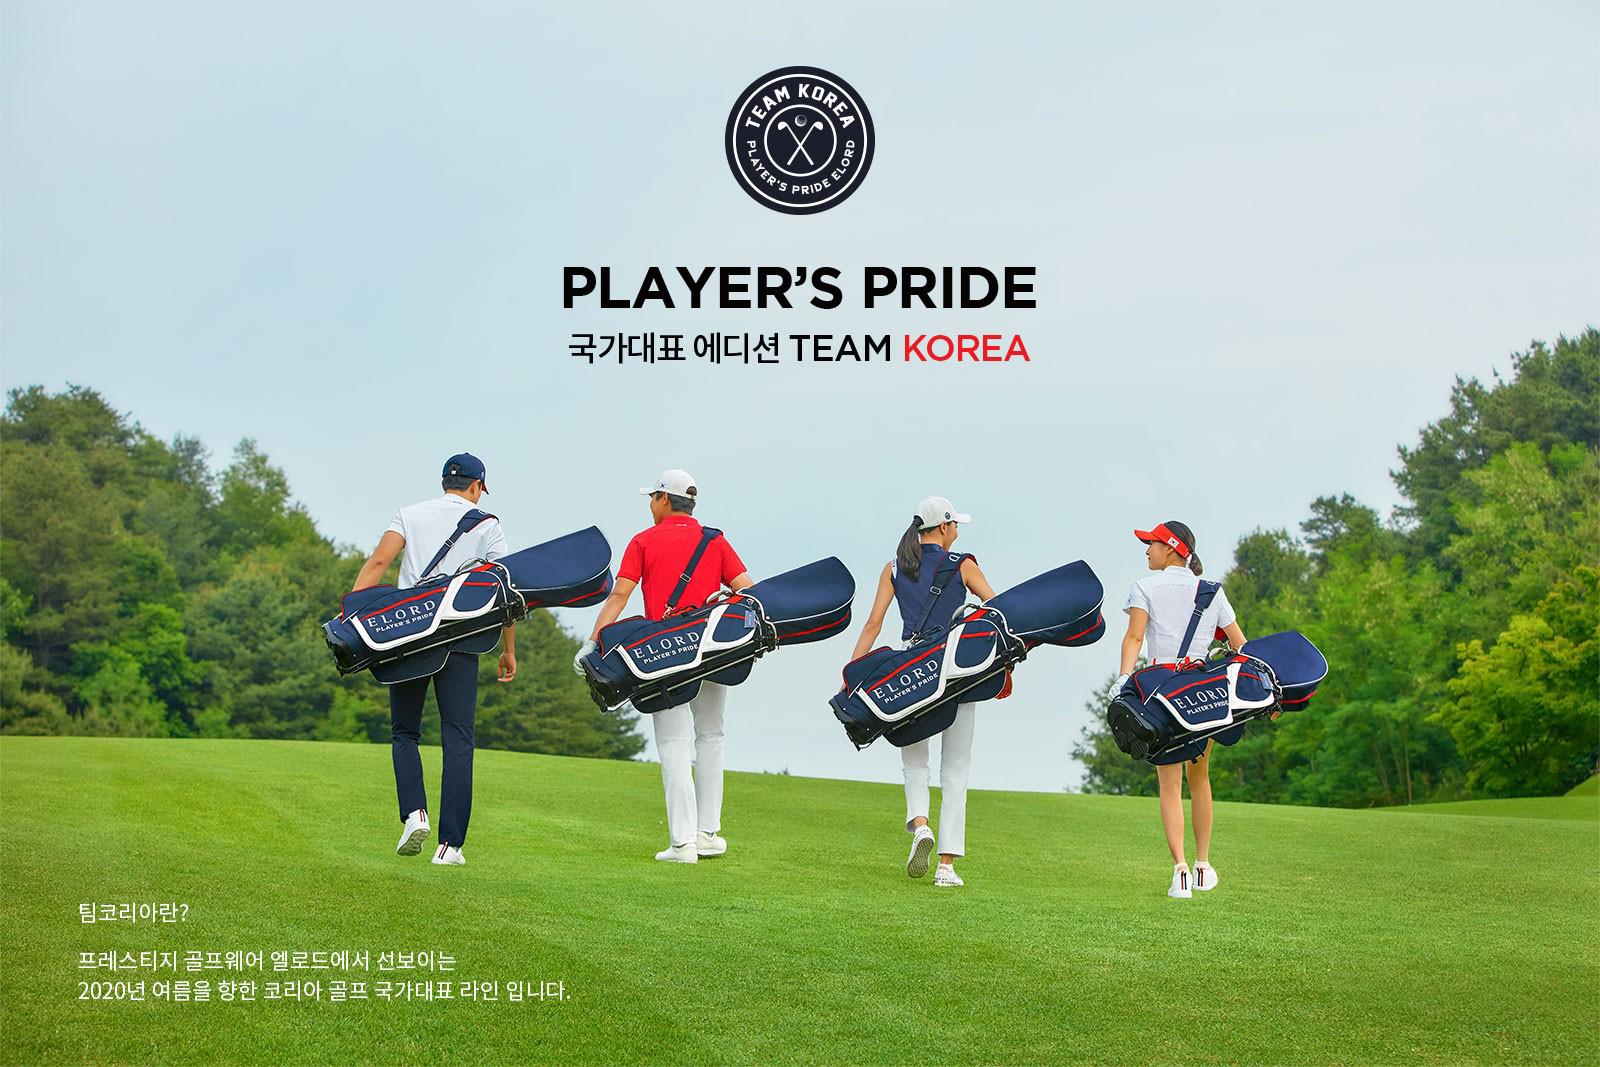 PLAER'S PRIDE          국가대표 에디션 TEAM KOREA           팀코리아란?          프레스티지 골프웨어 엘로드에서 선보이는          2020년 여름을 향한 코리아 골프 국가대표 라인 입니다.